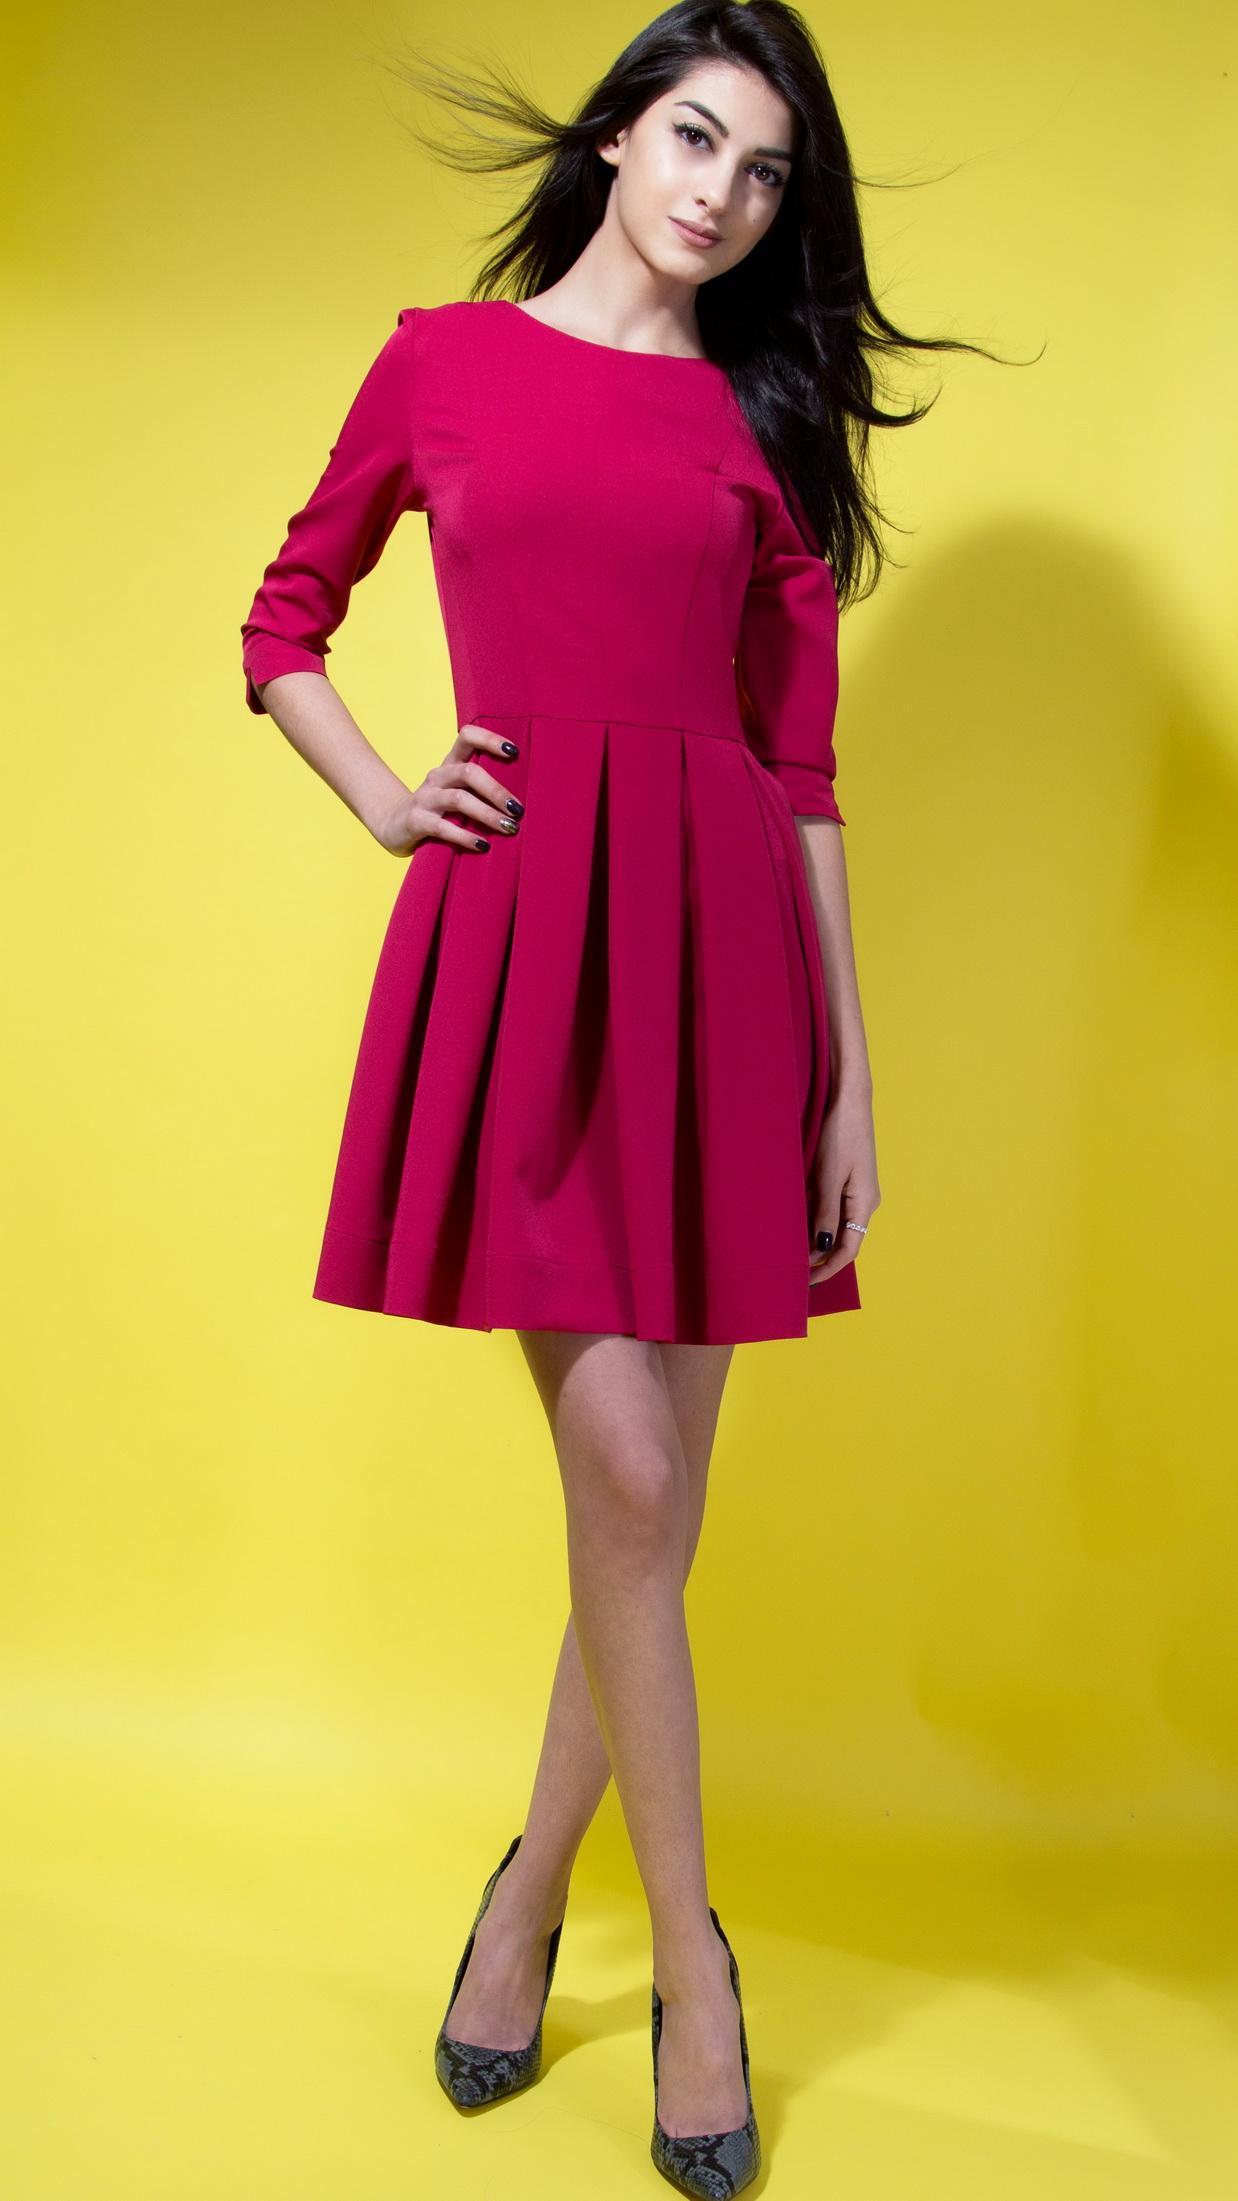 c4bae30e9f8 Elitdress.ru - Интернет магазин модной одежды